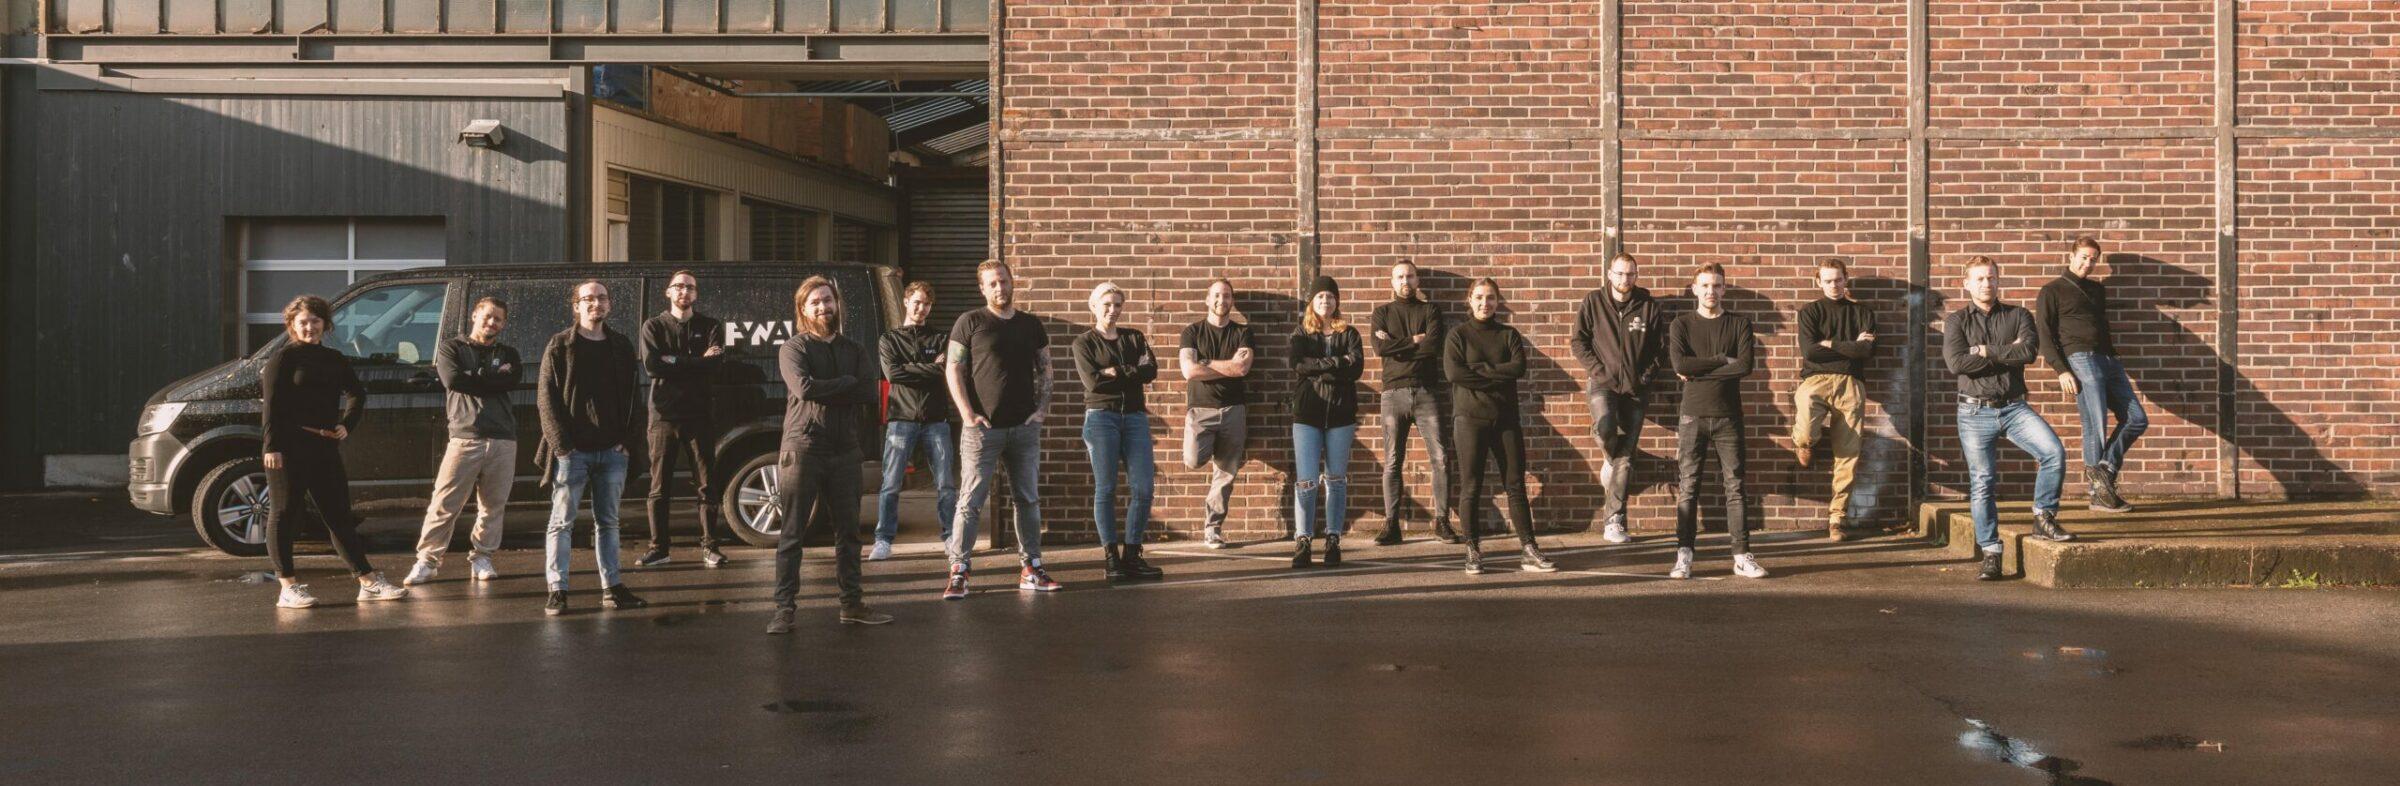 Filmproduktion Dortmund - FYNAL